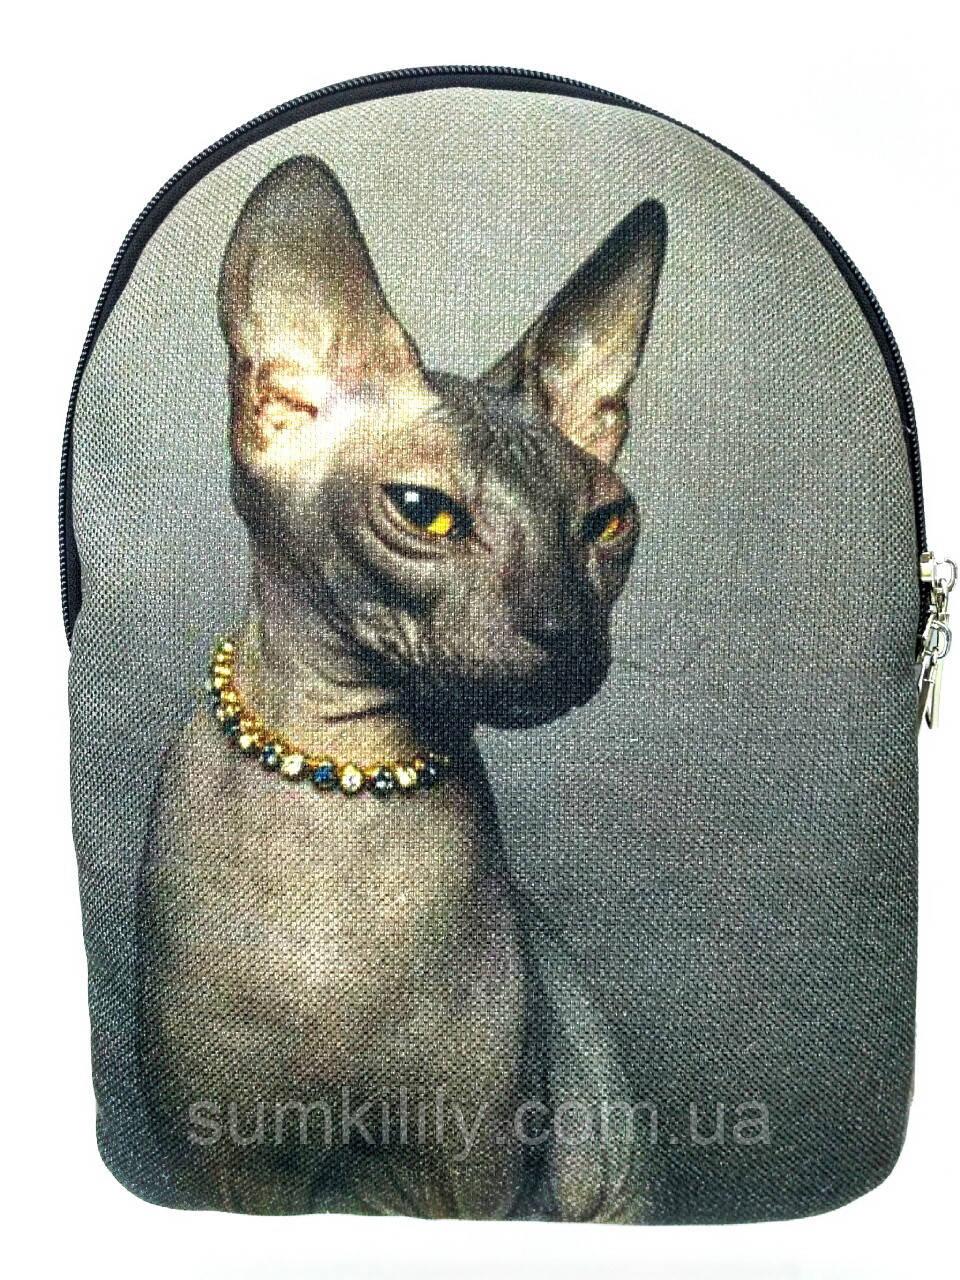 Текстильный рюкзак СФИНКС 5